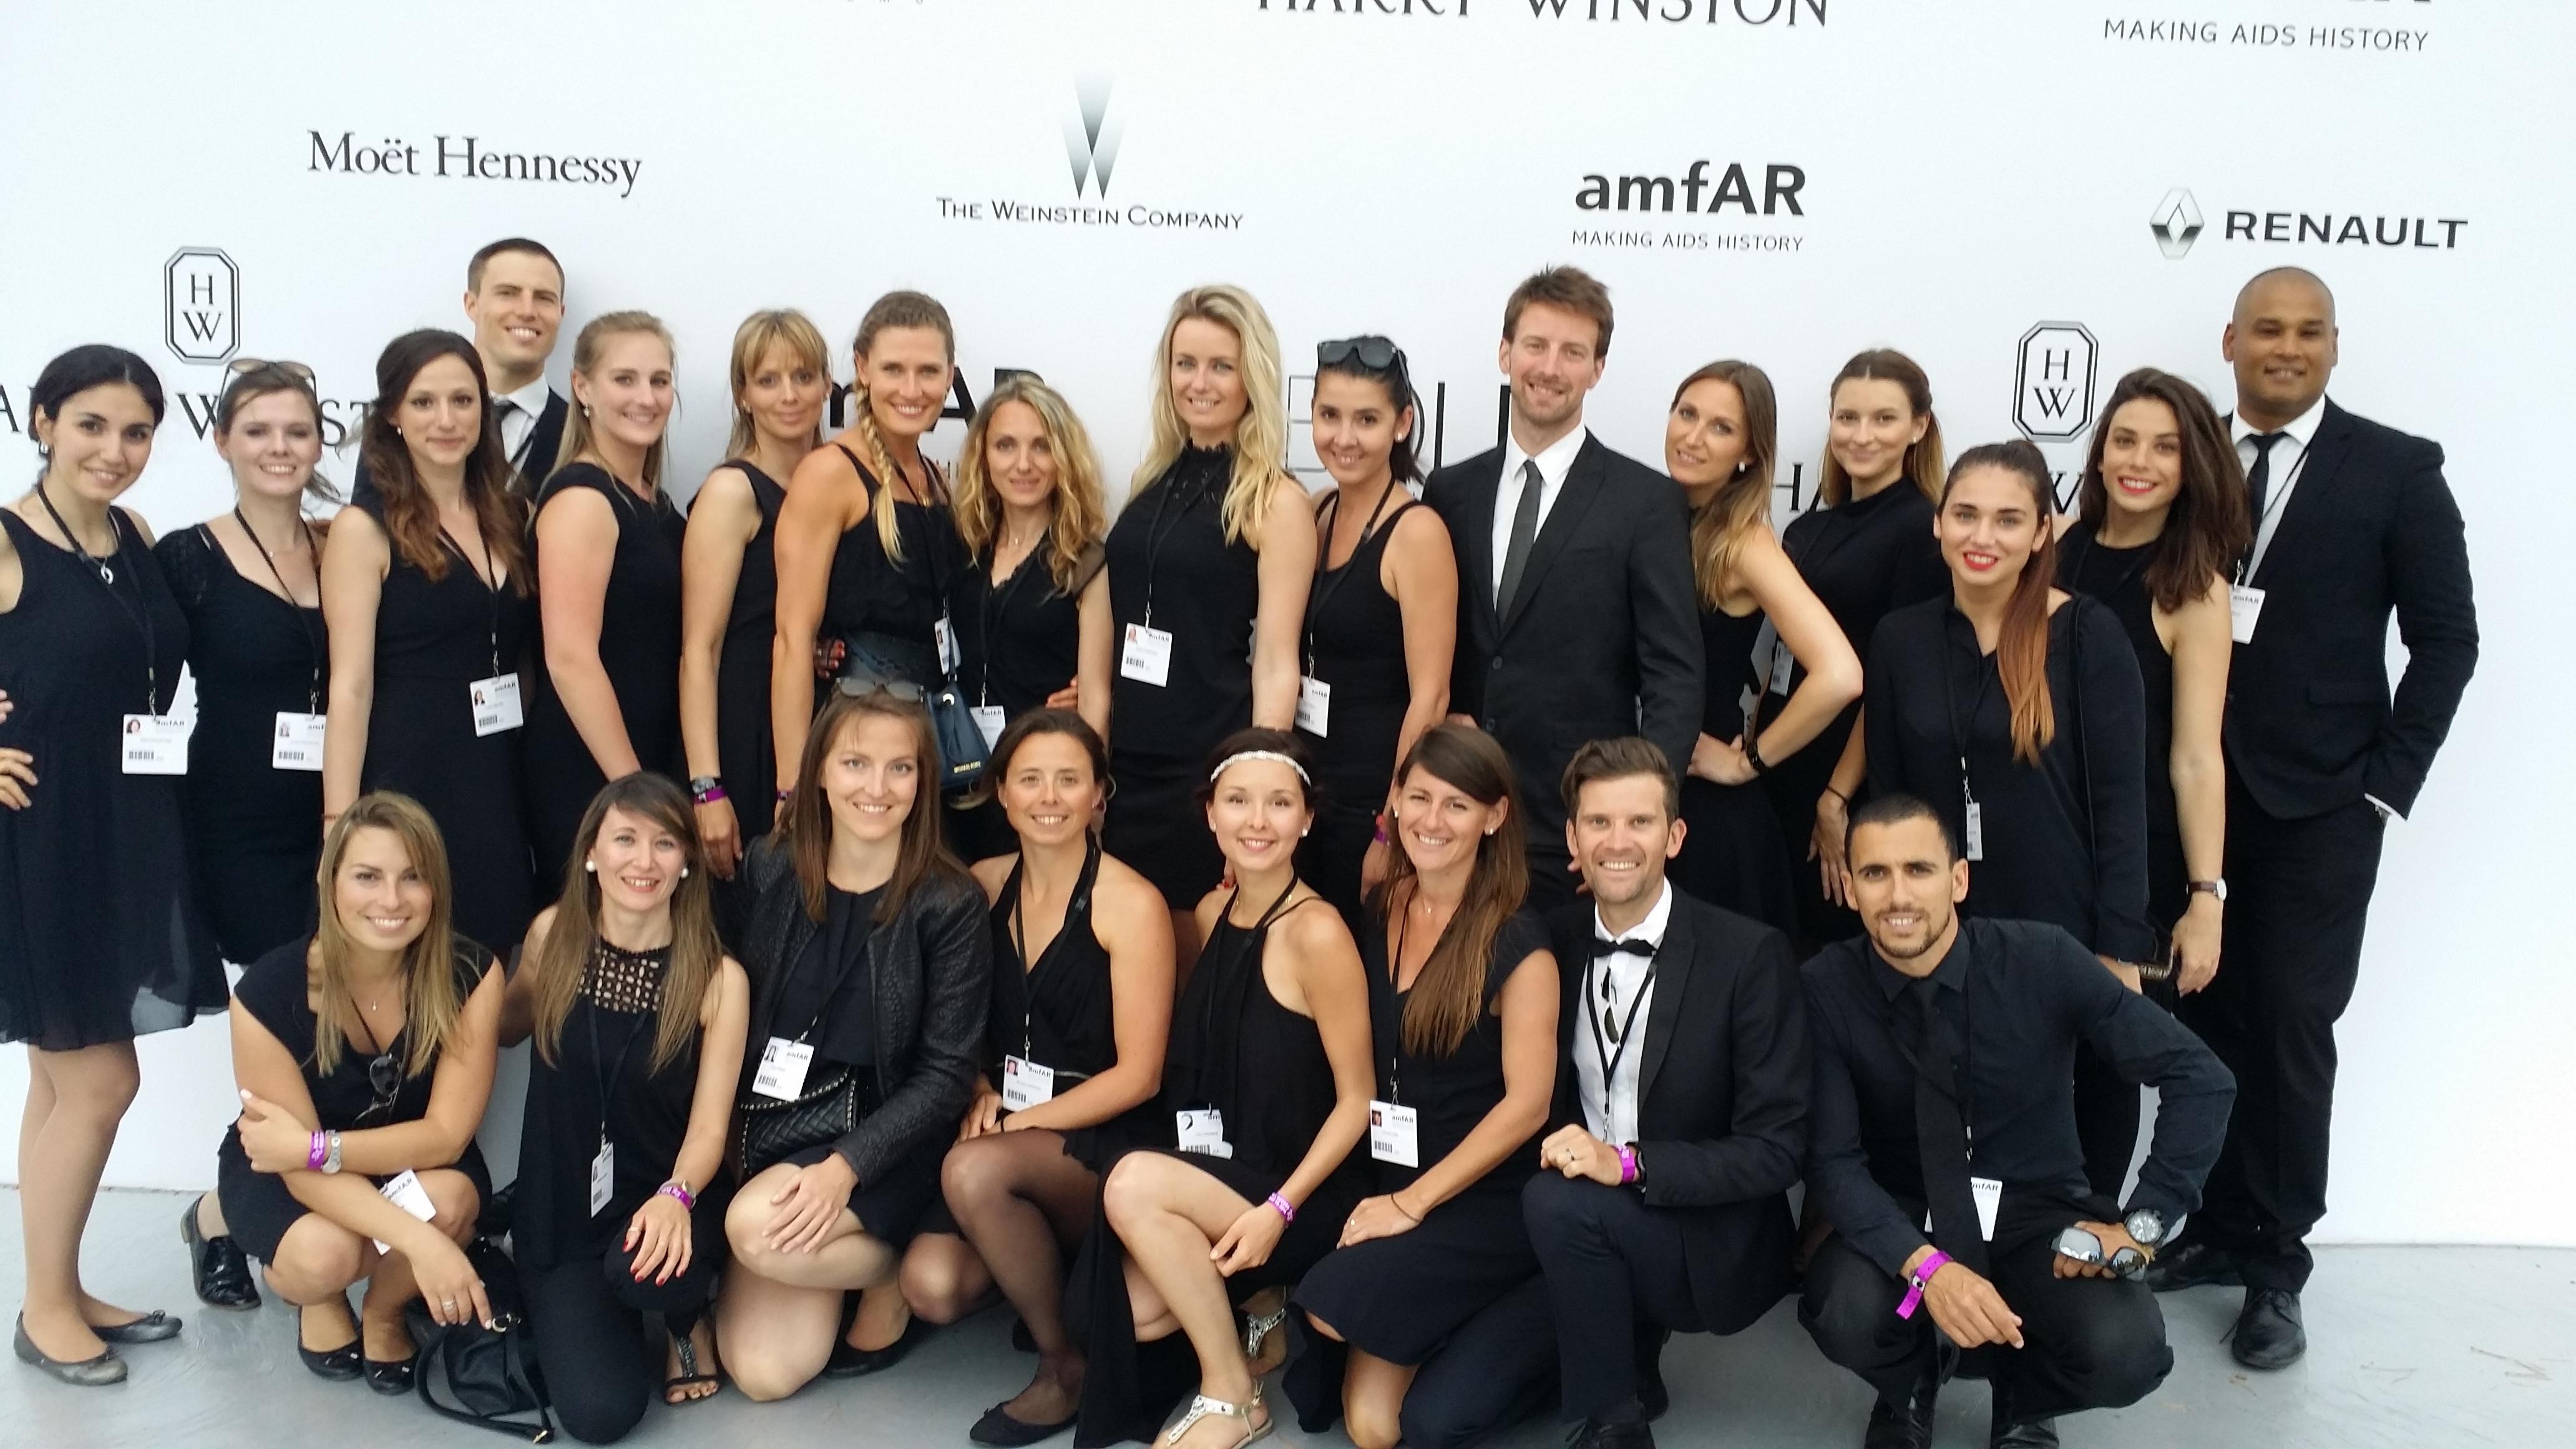 amfAR host and hostess team